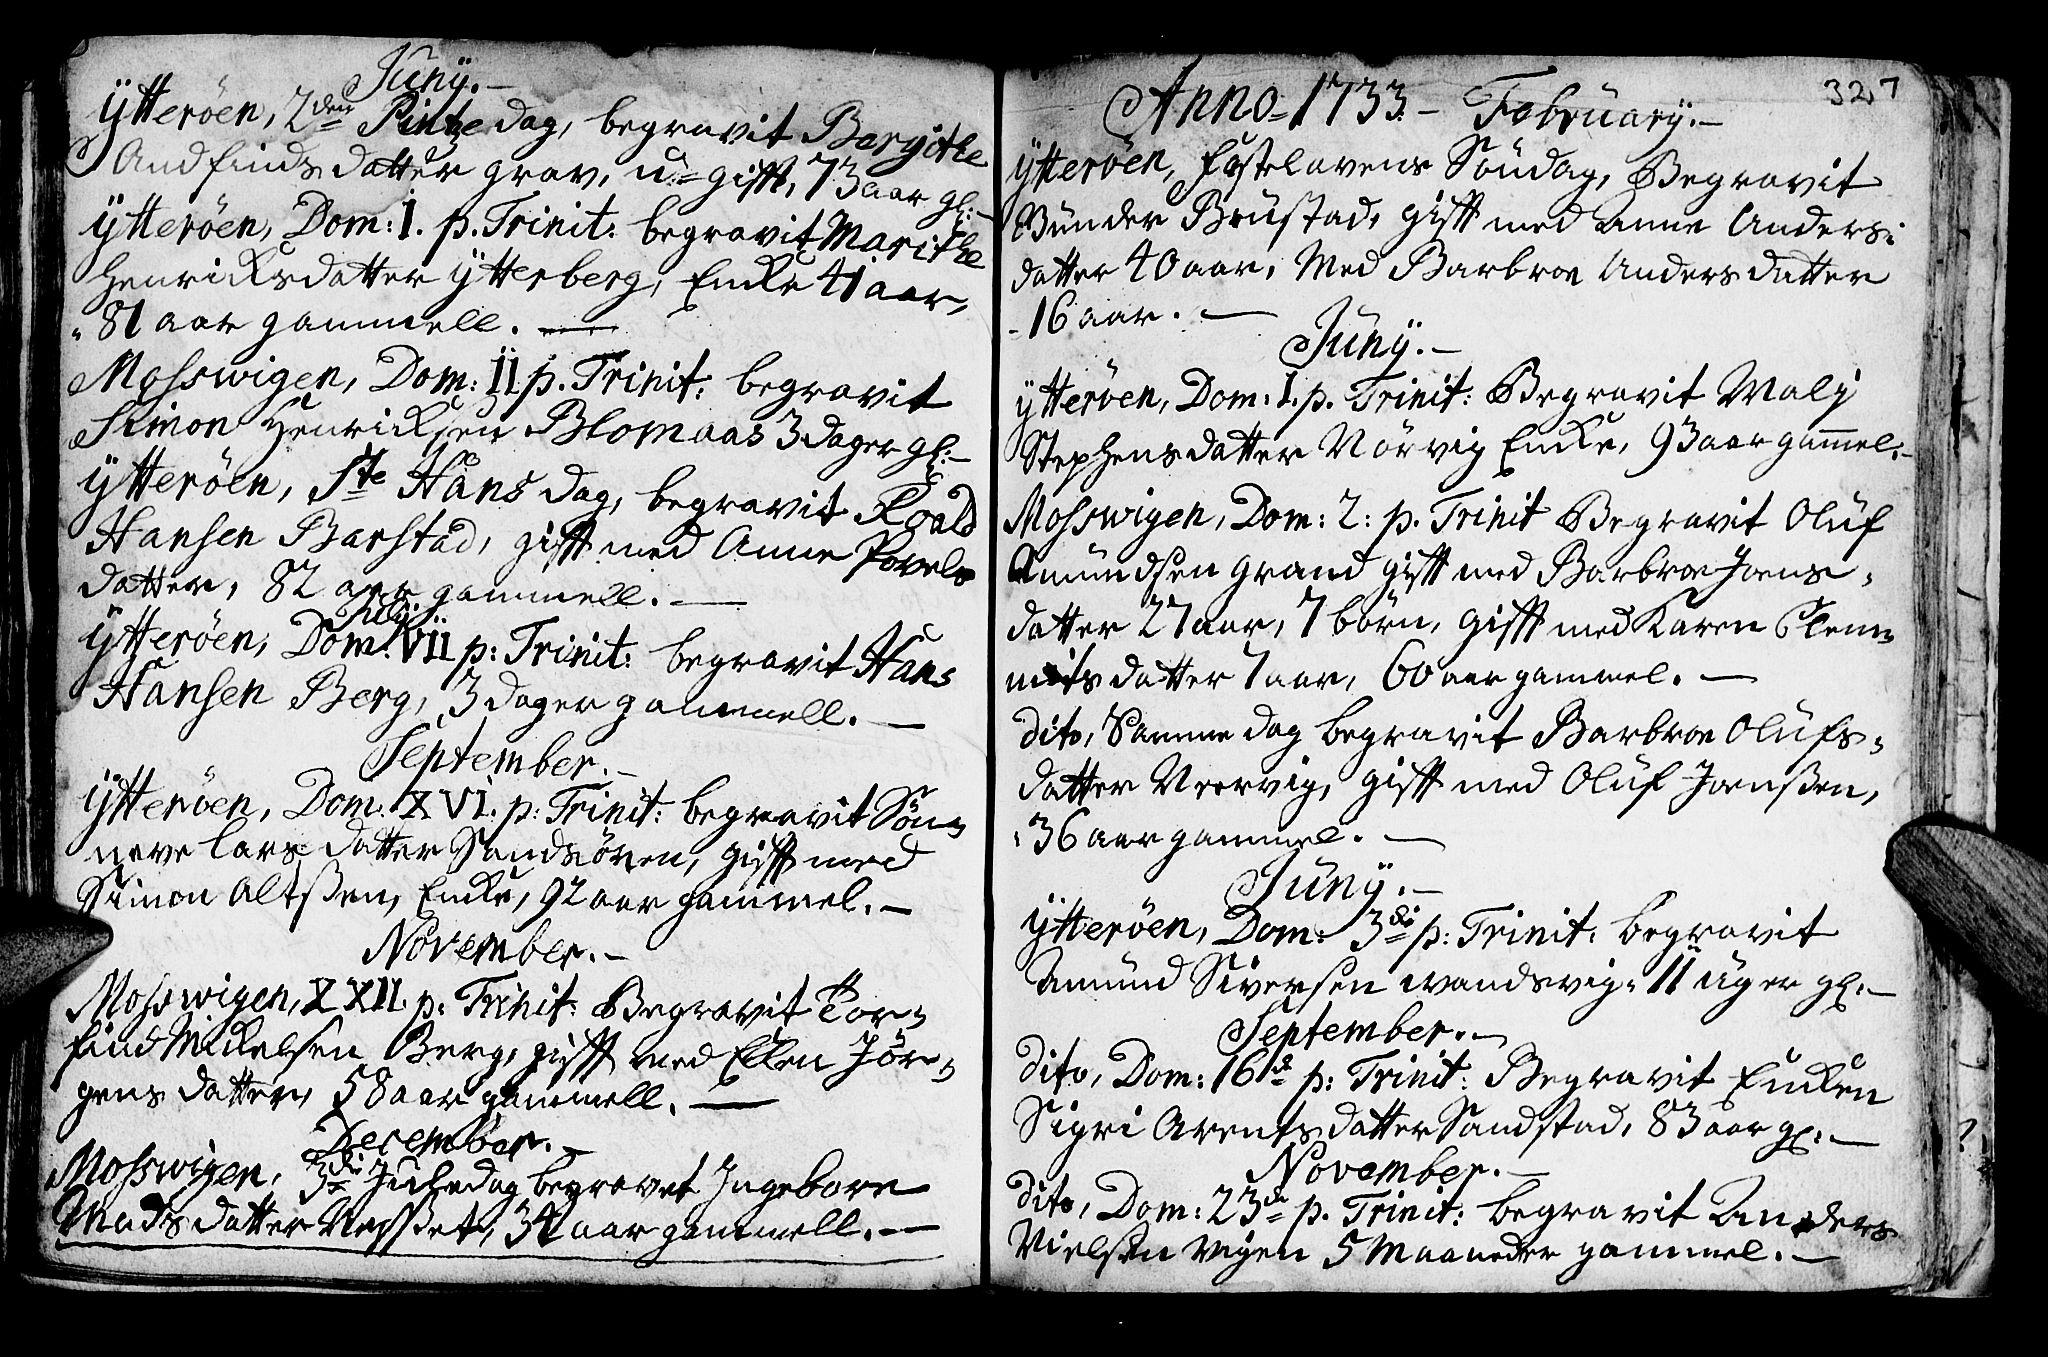 SAT, Ministerialprotokoller, klokkerbøker og fødselsregistre - Nord-Trøndelag, 722/L0215: Ministerialbok nr. 722A02, 1718-1755, s. 327